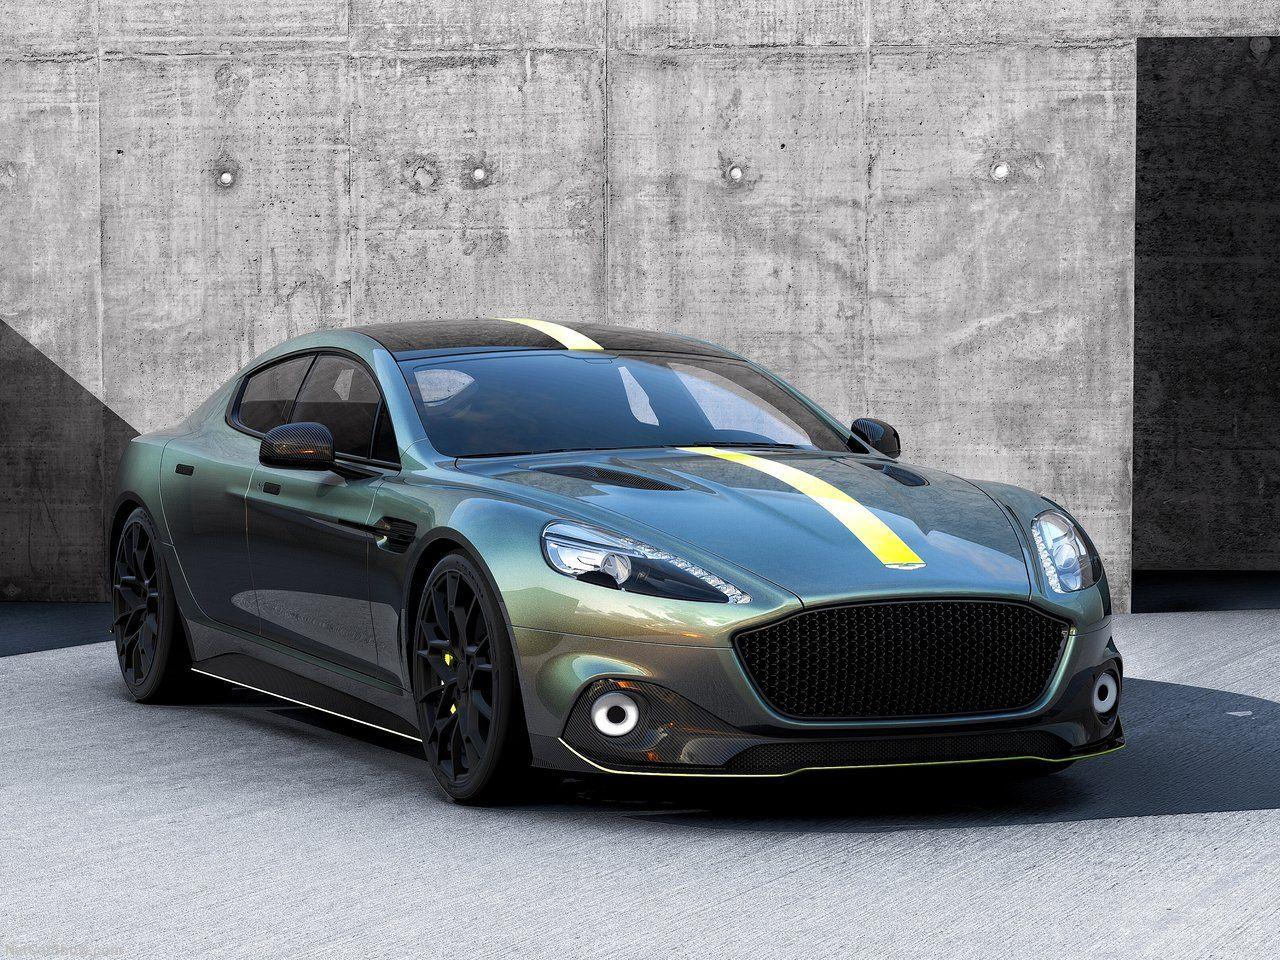 Aston Martin Rapide Amr Aston Martin Vanquish Aston Martin Auto S En Motoren